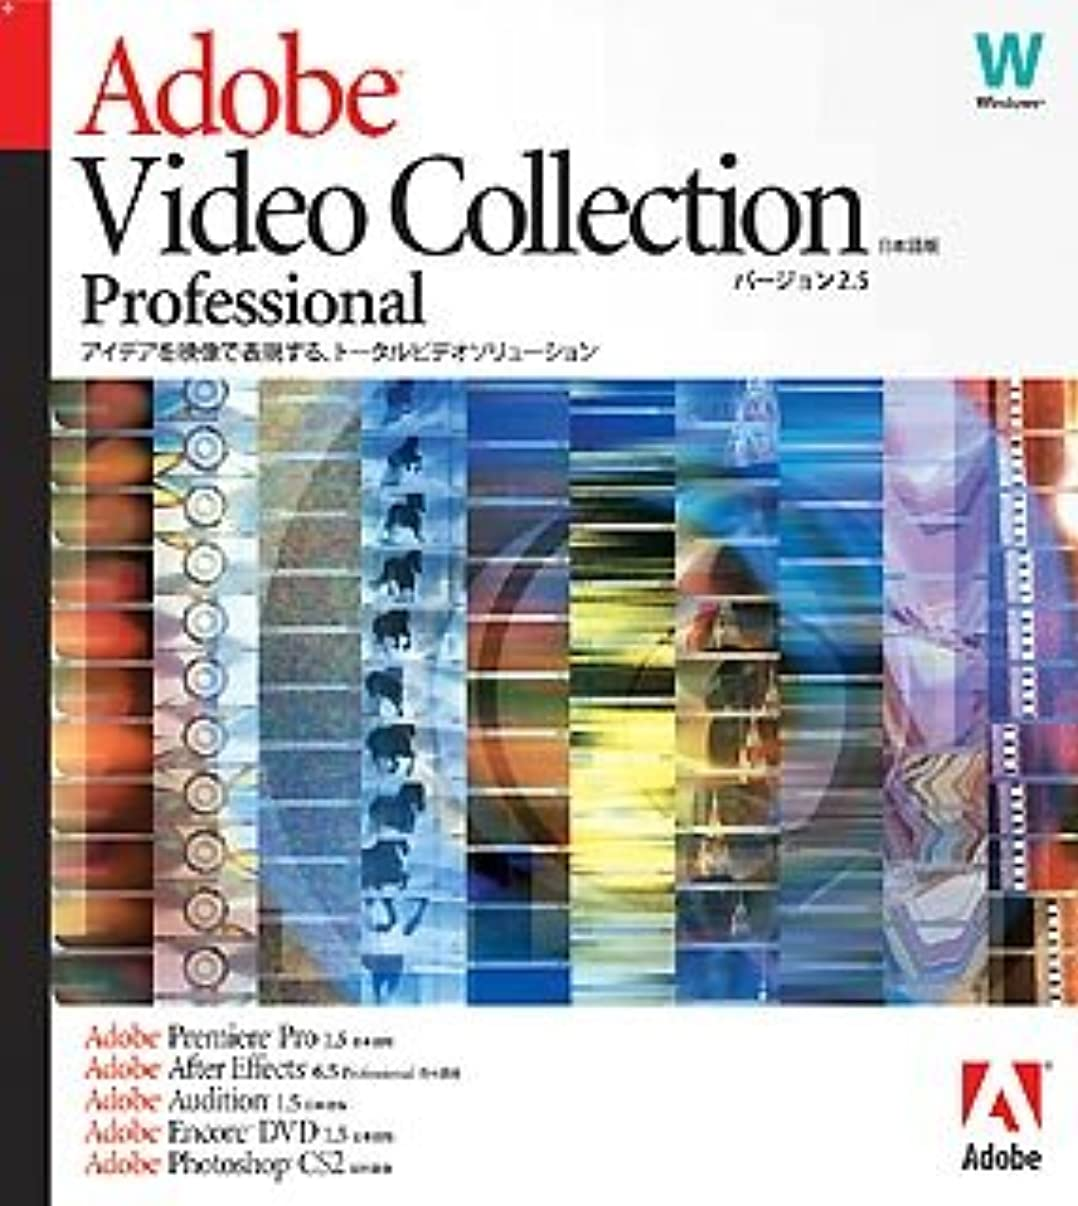 ブランド名ぶら下がる緊急Adobe Video Collection Professional 2.5 日本語版 Windows版 トレードアップグレード版 (After Effects Professional) <Photoshop CS2>